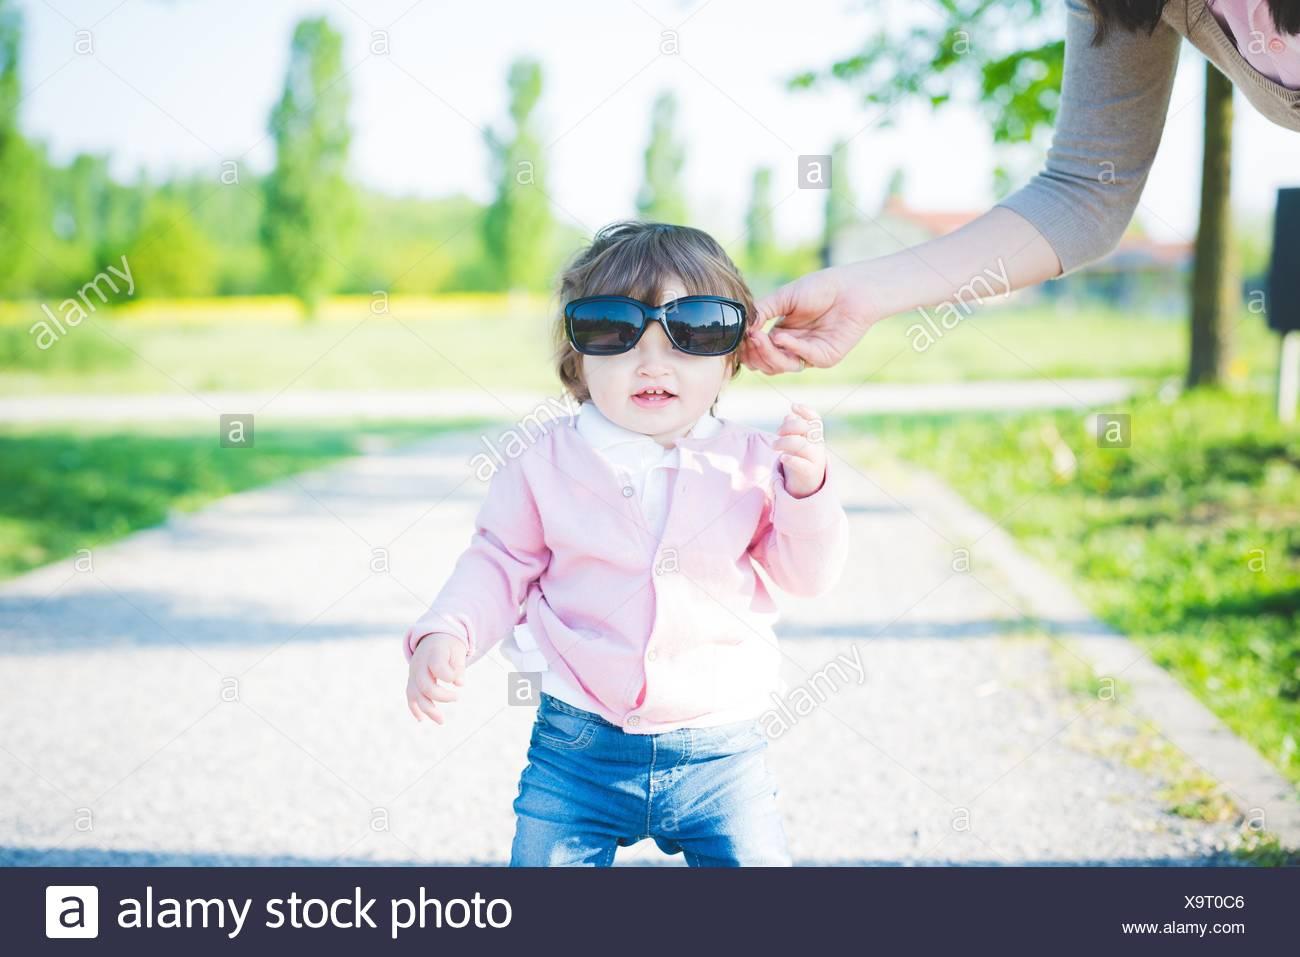 Retrato de niño hembra con gafas de sol en el parque Imagen De Stock